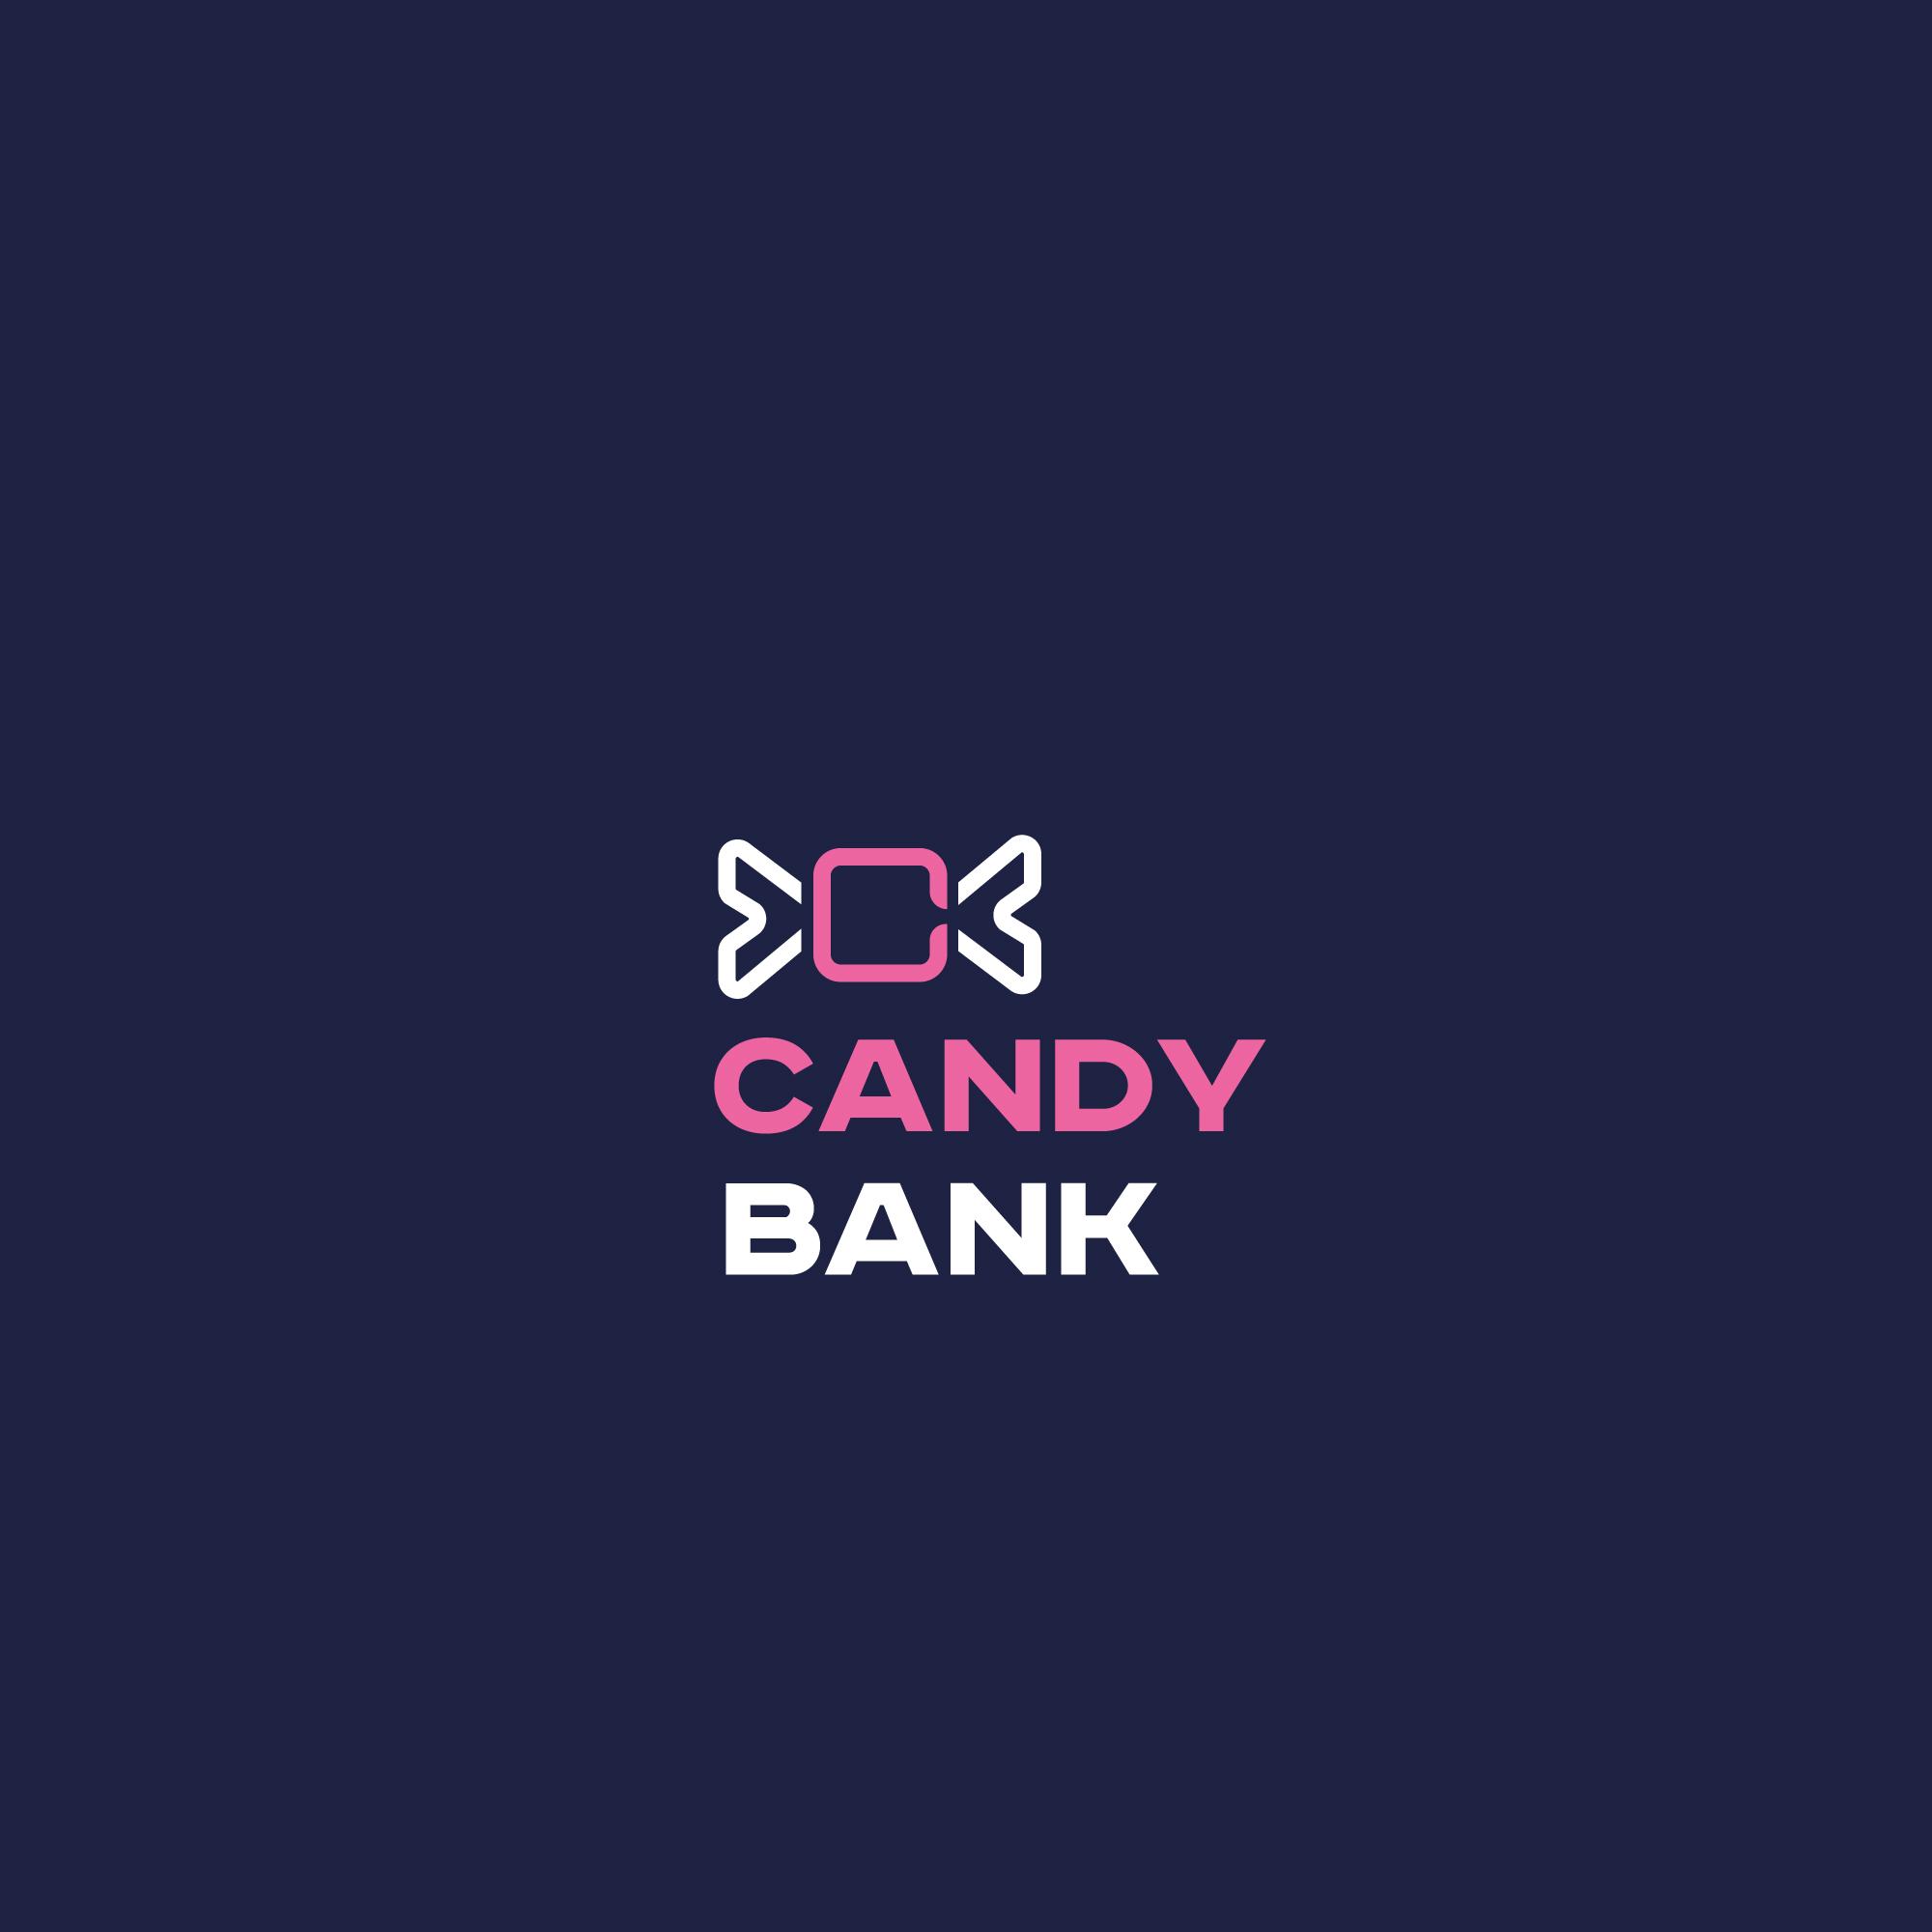 Логотип для международного банка фото f_6855d6d16ace4c70.jpg